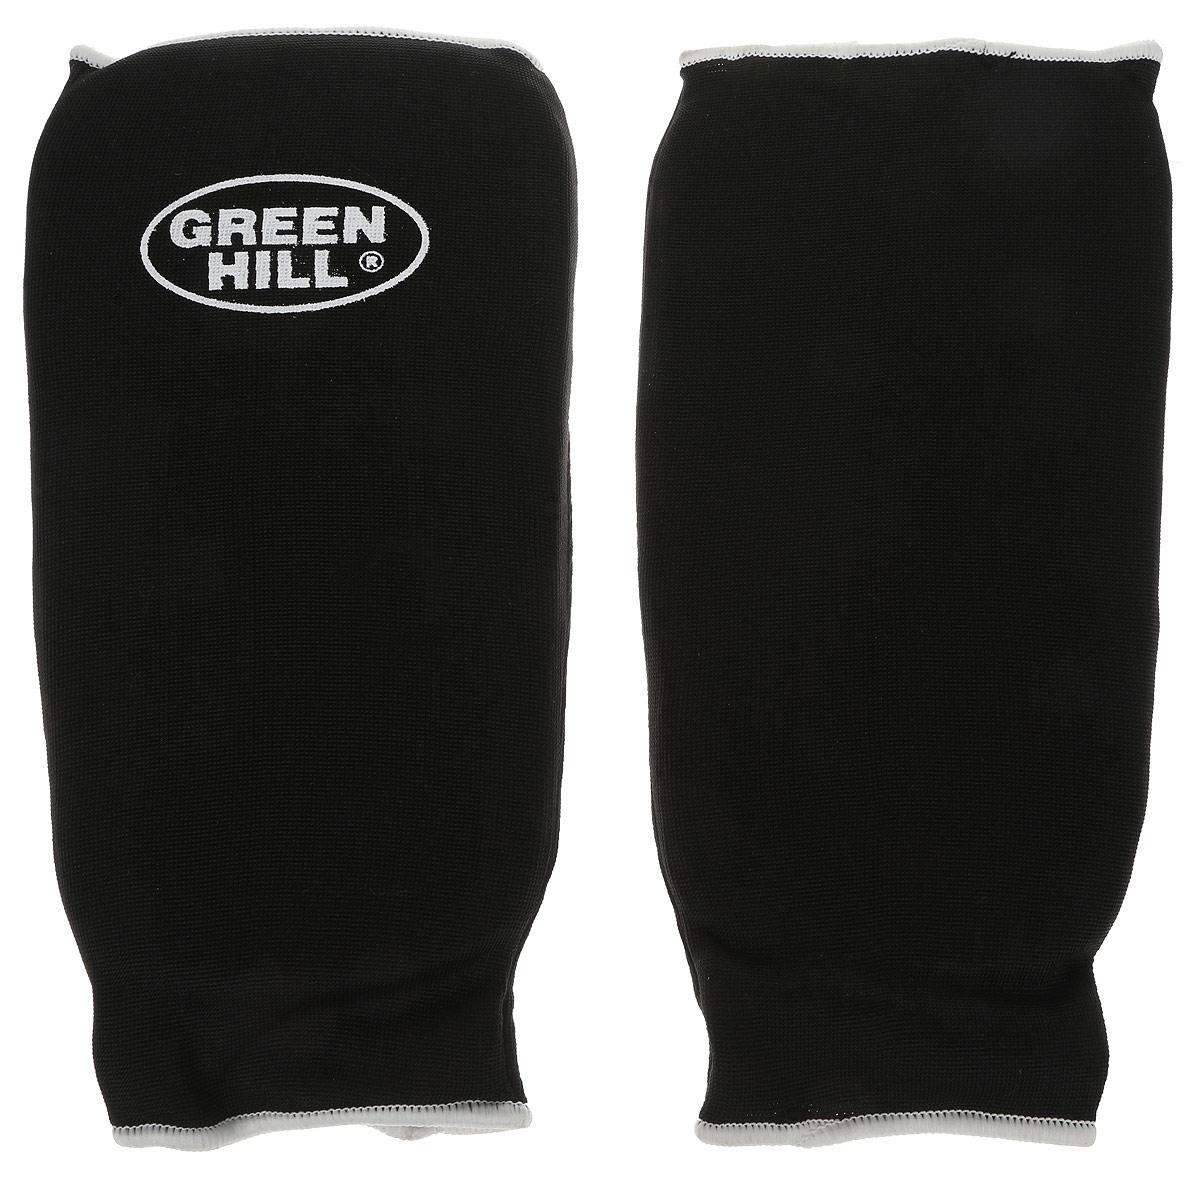 Защита голени Green Hill, цвет: черный, белый. Размер L. SPC-6210SPC-6210Защита голени Green Hill с наполнителем, выполненным из вспененного полимера, необходима при занятиях спортом для защиты суставов от вывихов, ушибов и прочих повреждений. Накладки выполнены из высококачественного эластана и хлопка.Длина голени: 28 см.Ширина голени: 16 см.